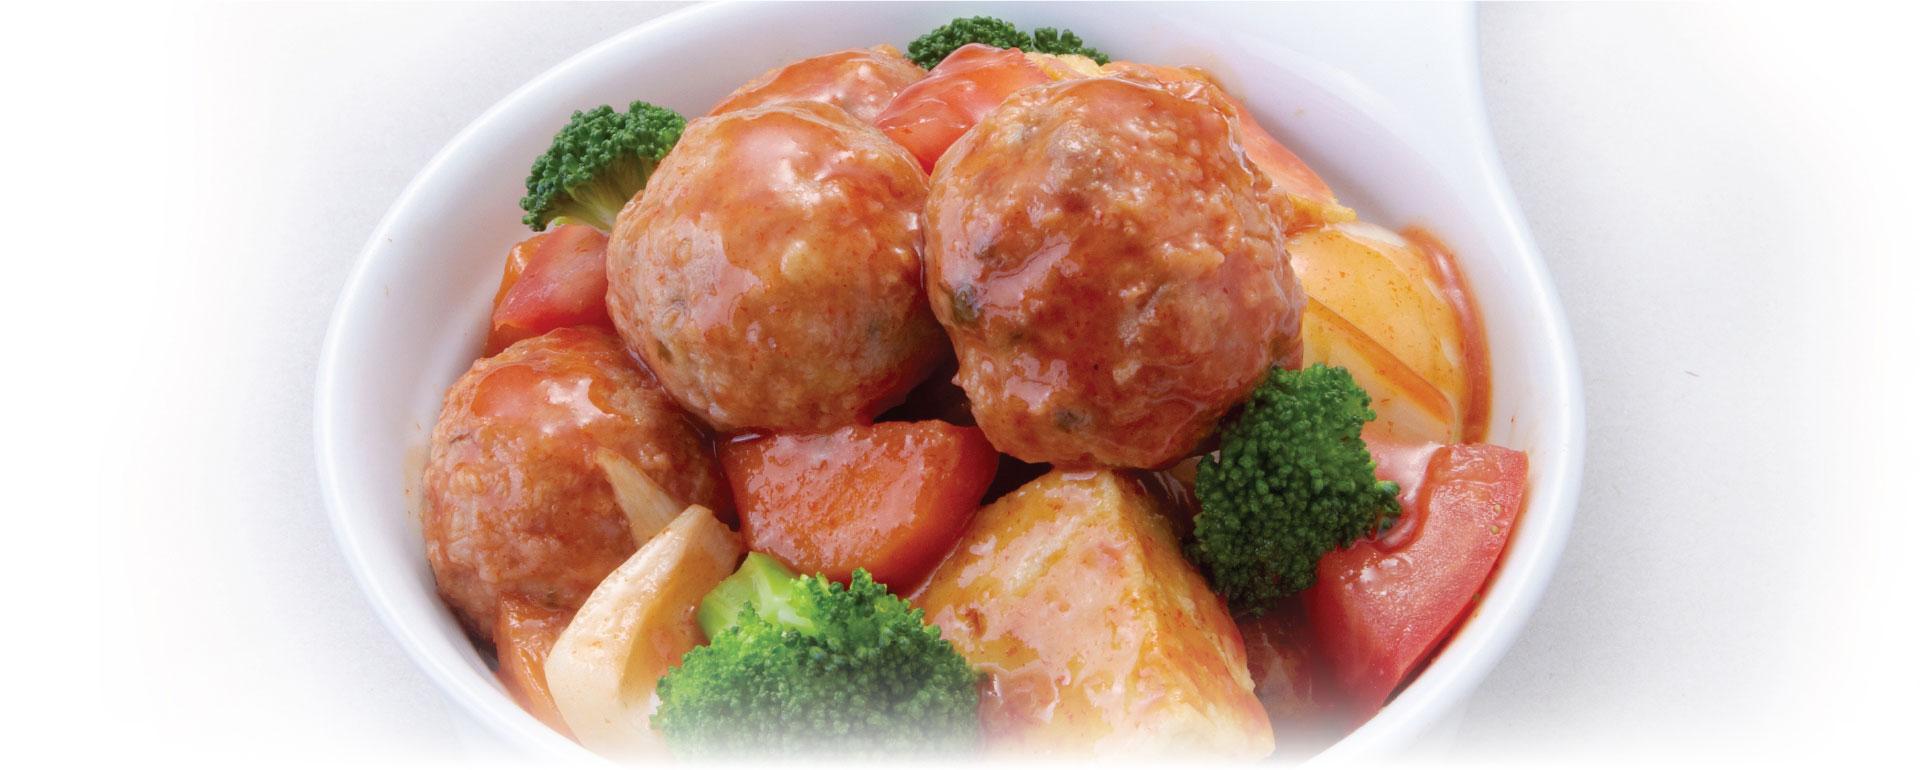 Recipes_HSMBC_TOP_1